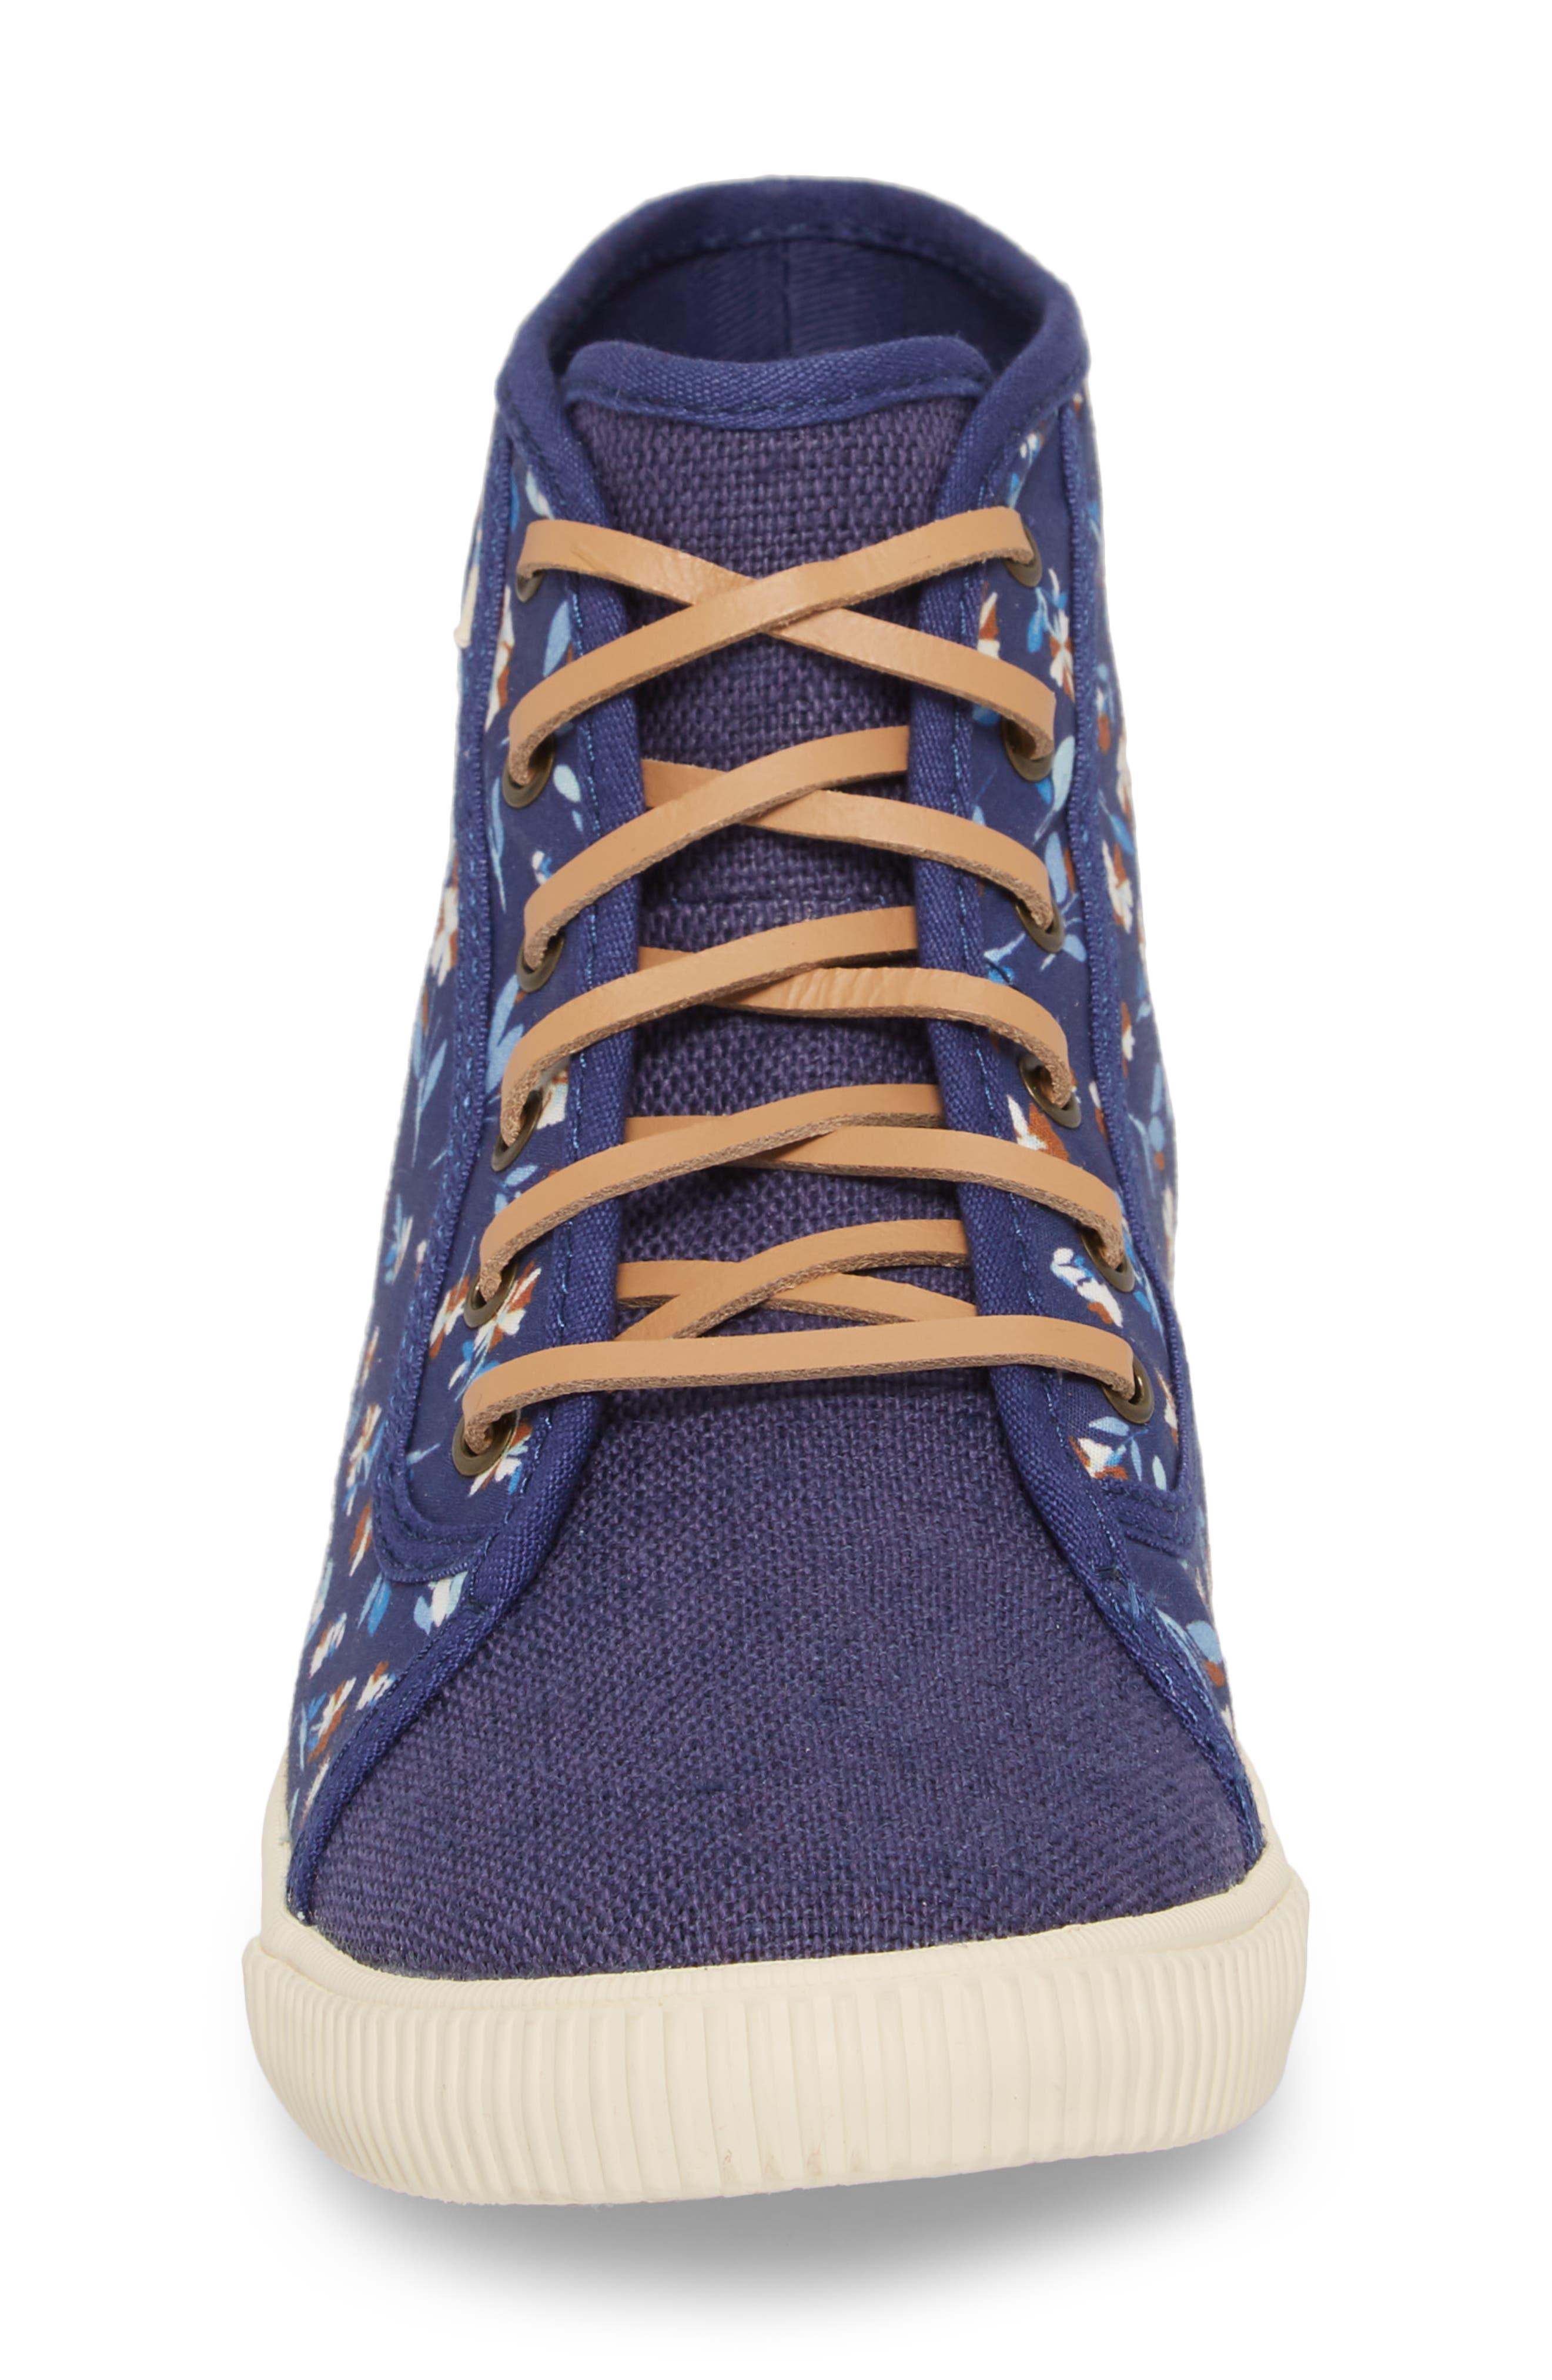 Camarillo High Top Sneaker,                             Alternate thumbnail 4, color,                             410